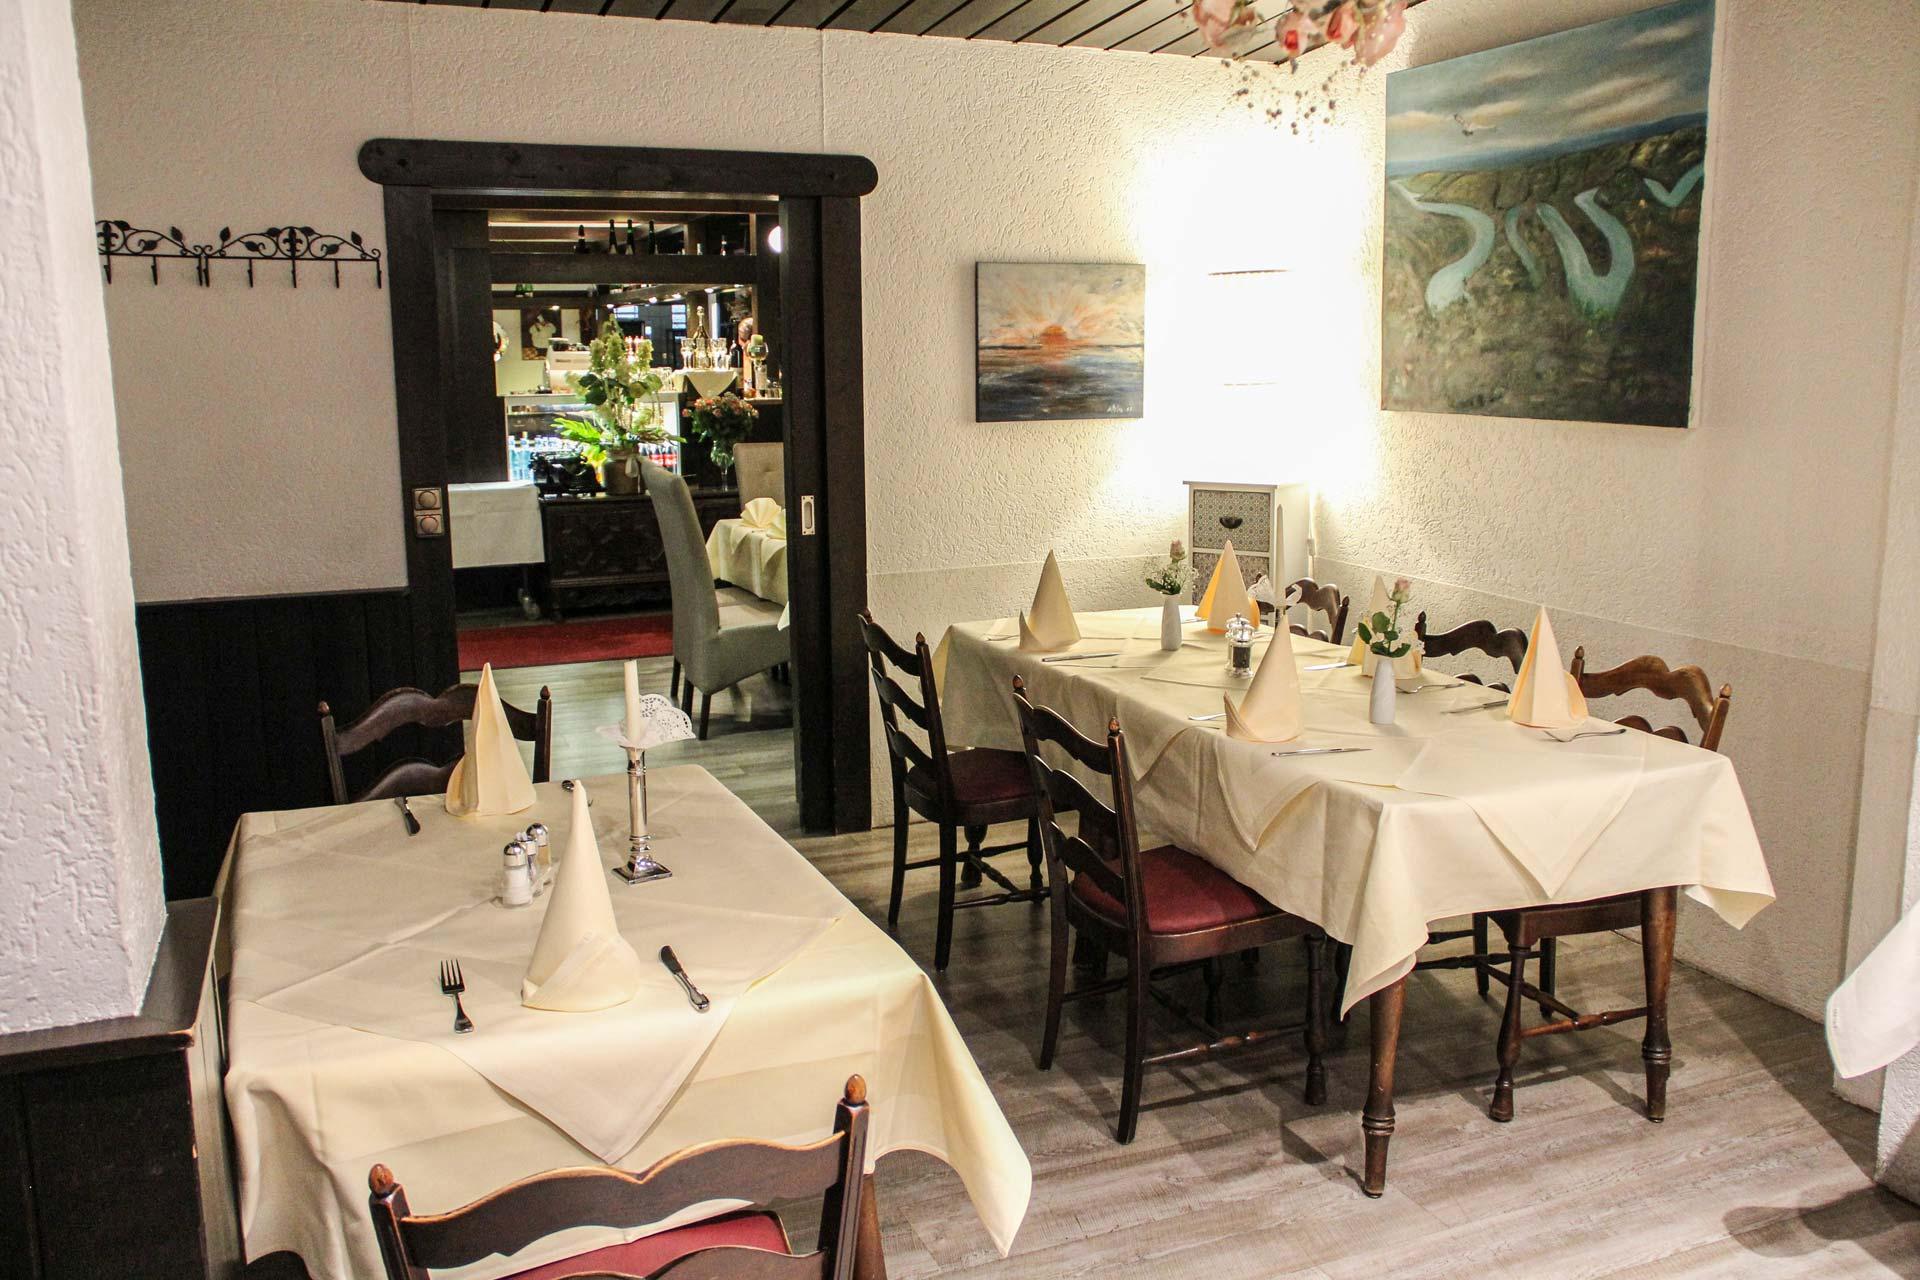 Restaurant Forsthaus_Slider-5